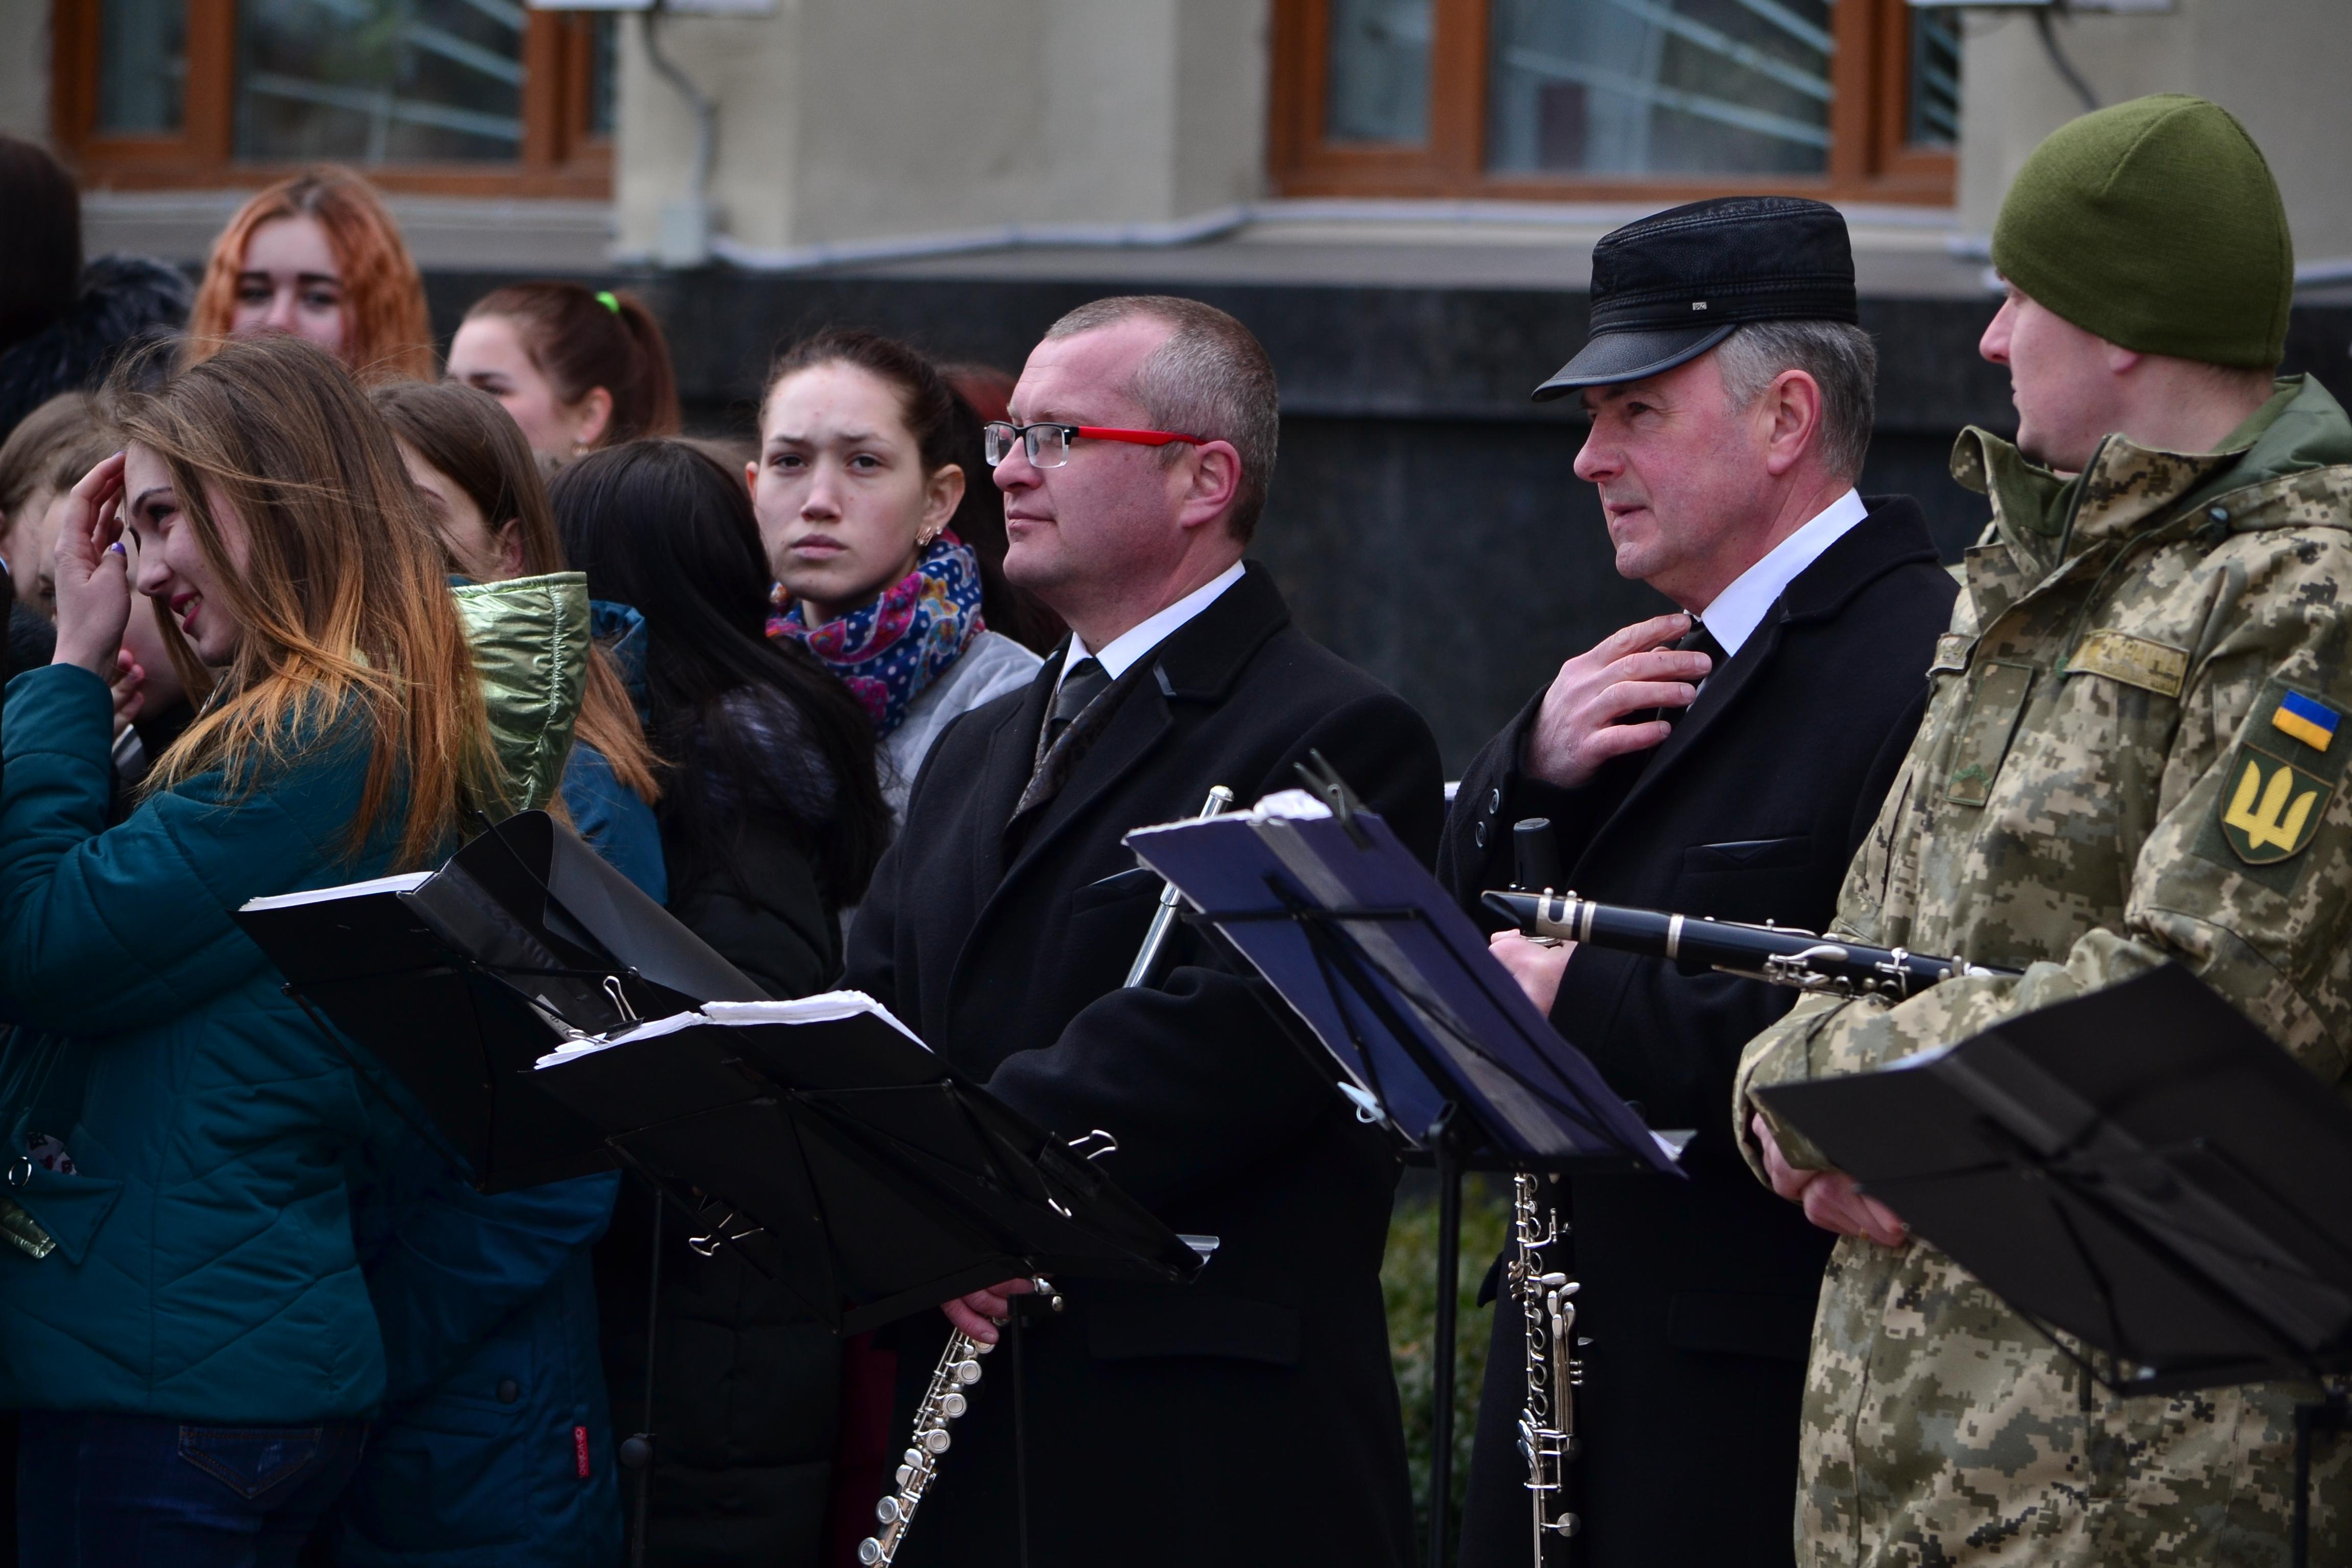 DSC 0811 - Ці воїни наповнюють наші серця: в Житомирі відзначили День українського добровольця (ФОТО)